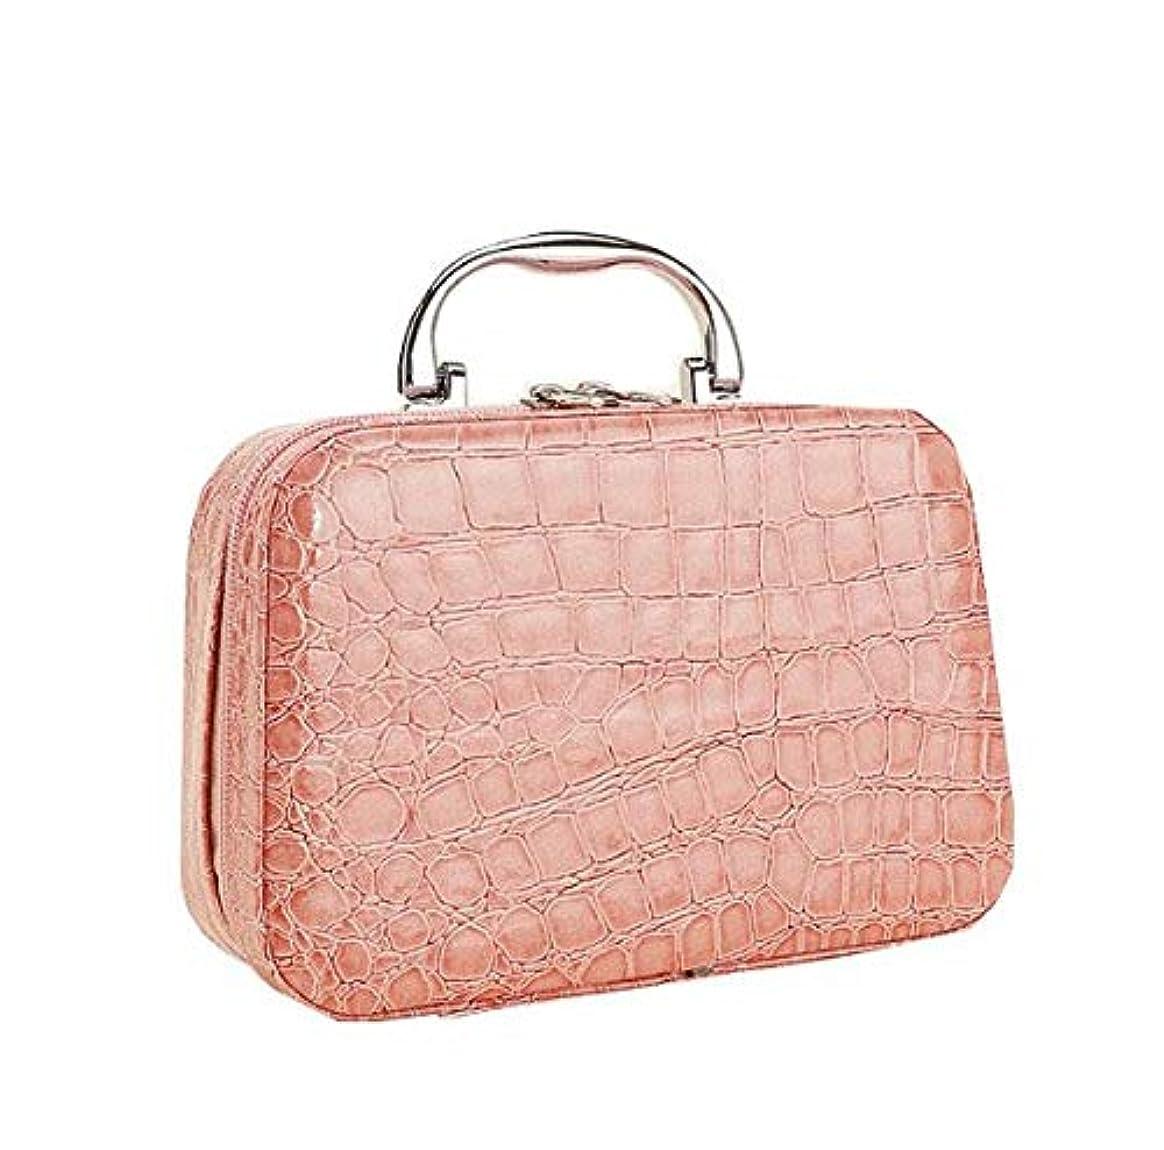 赤ちゃん甘い下る化粧箱、ピンクのワニ皮の化粧箱、携帯用携帯用旅行化粧品の箱、美の釘の宝石類の収納箱